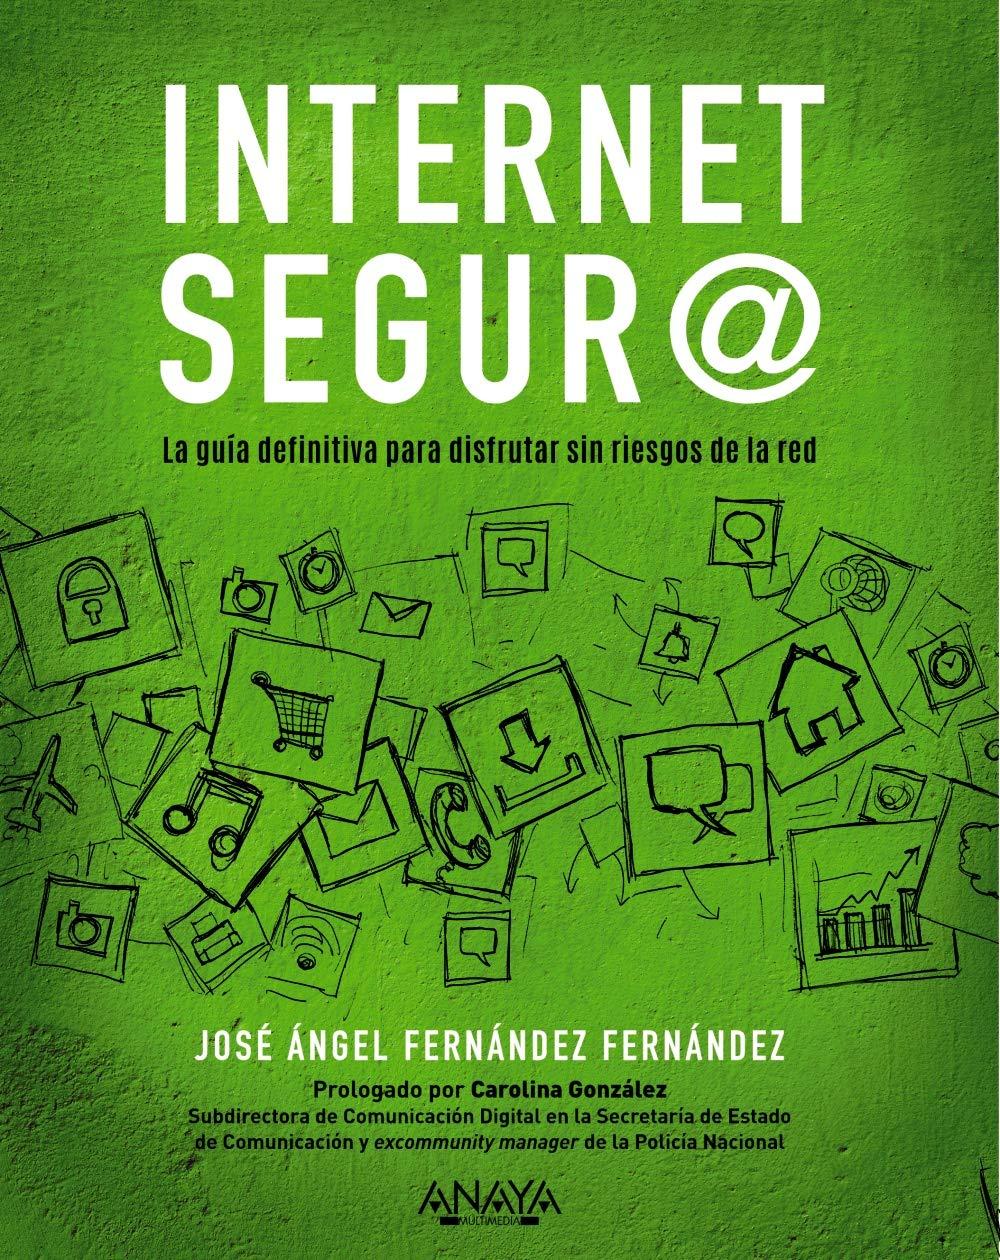 Internet segur@: La guía definitiva para disfrutar sin riesgos de la red (Títulos Especiales)